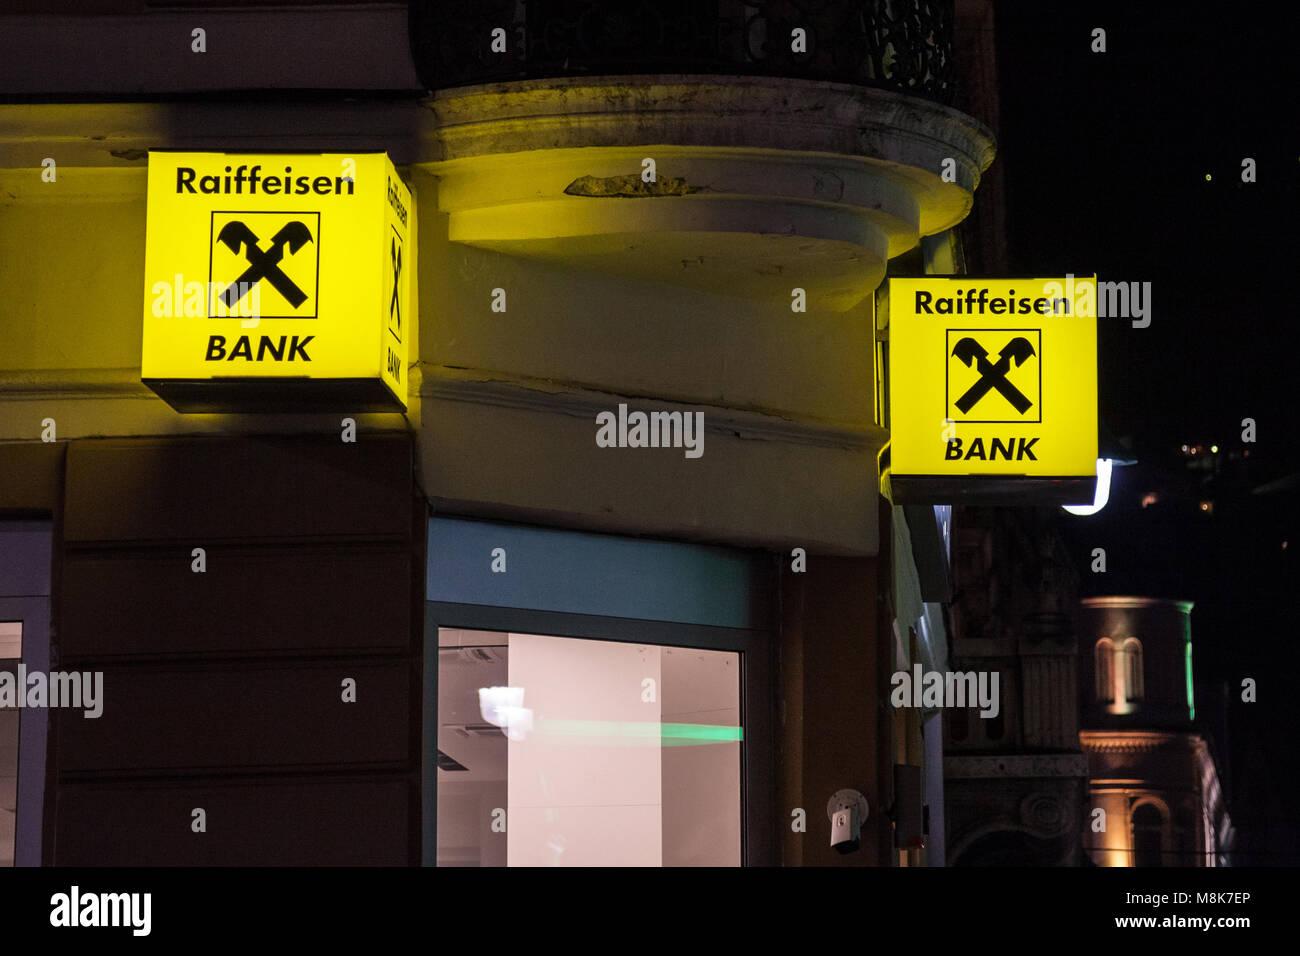 SARAJEVO, BOSNIA - FEBRUARY 17, 2018: Raiffeisen logo on their main bank in Sarajevo, taken at night. Raiffeisen - Stock Image